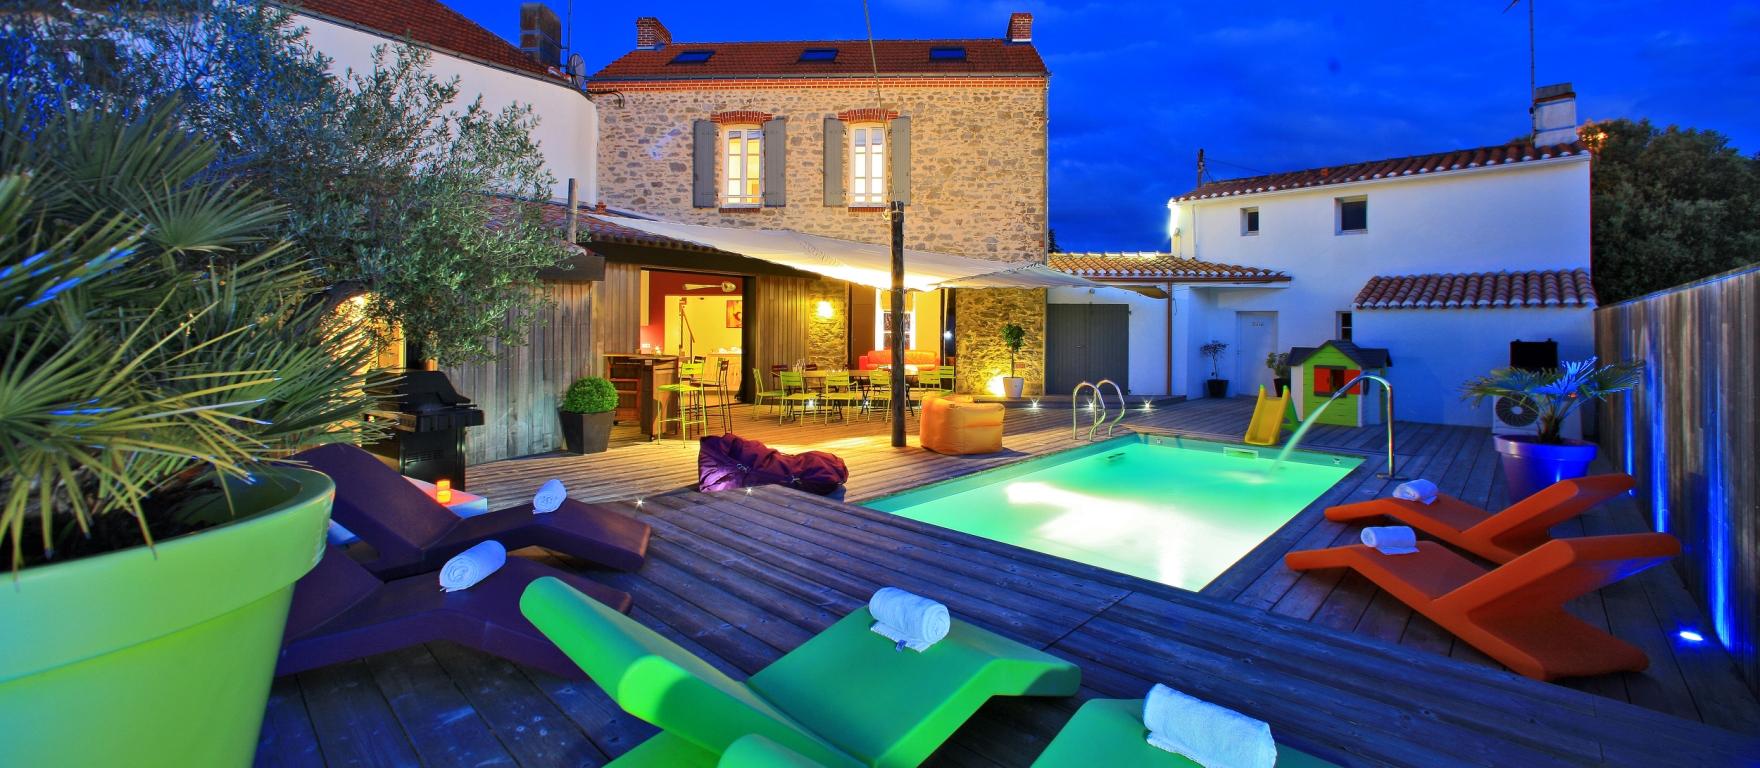 piscine chauffée dans maison de location de standing